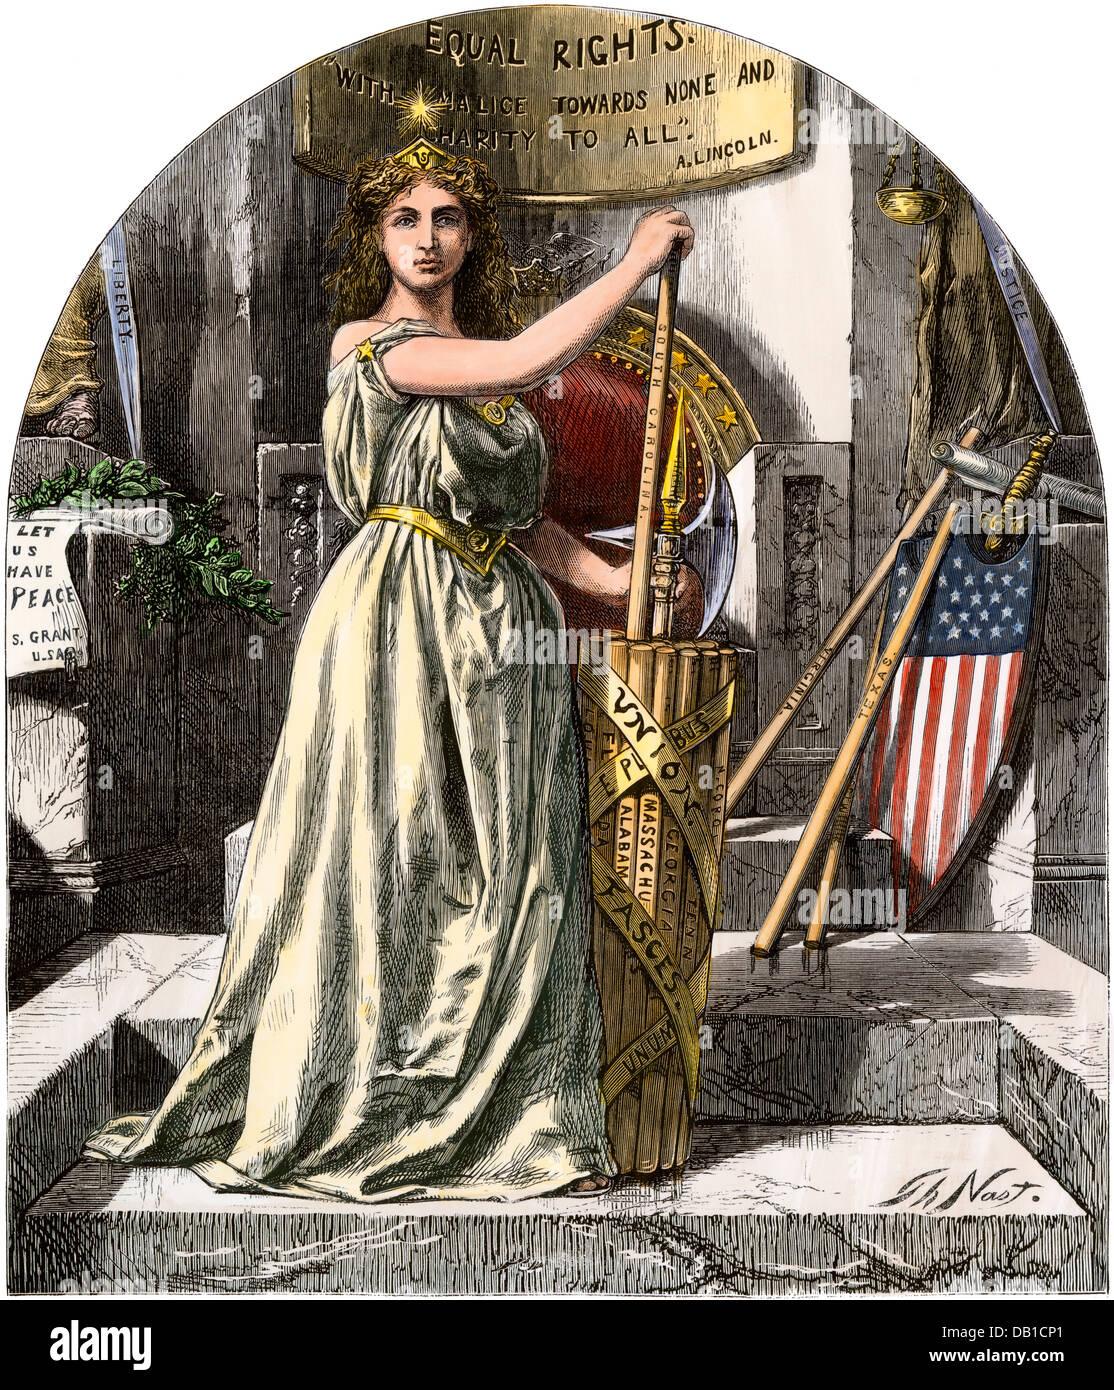 Wiederaufbau als Gleichberechtigung Reform, 1868 dargestellt. Stockbild